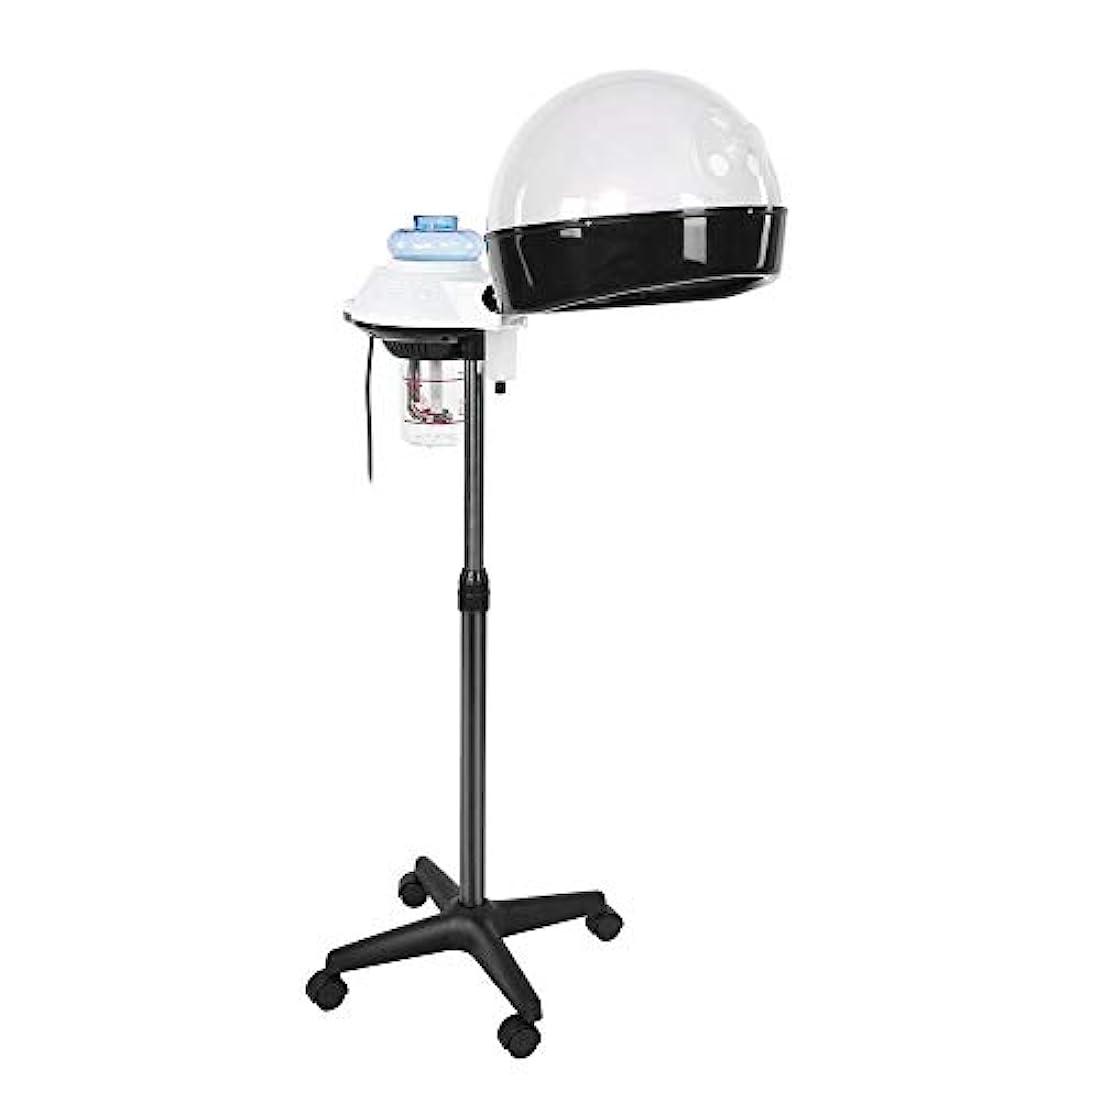 セクションみすぼらしい入手しますヘア 加湿器 パーソナルケア用のデザイン ホットミストオゾンヘアセラピー美容機器 個人用家庭用 (US)